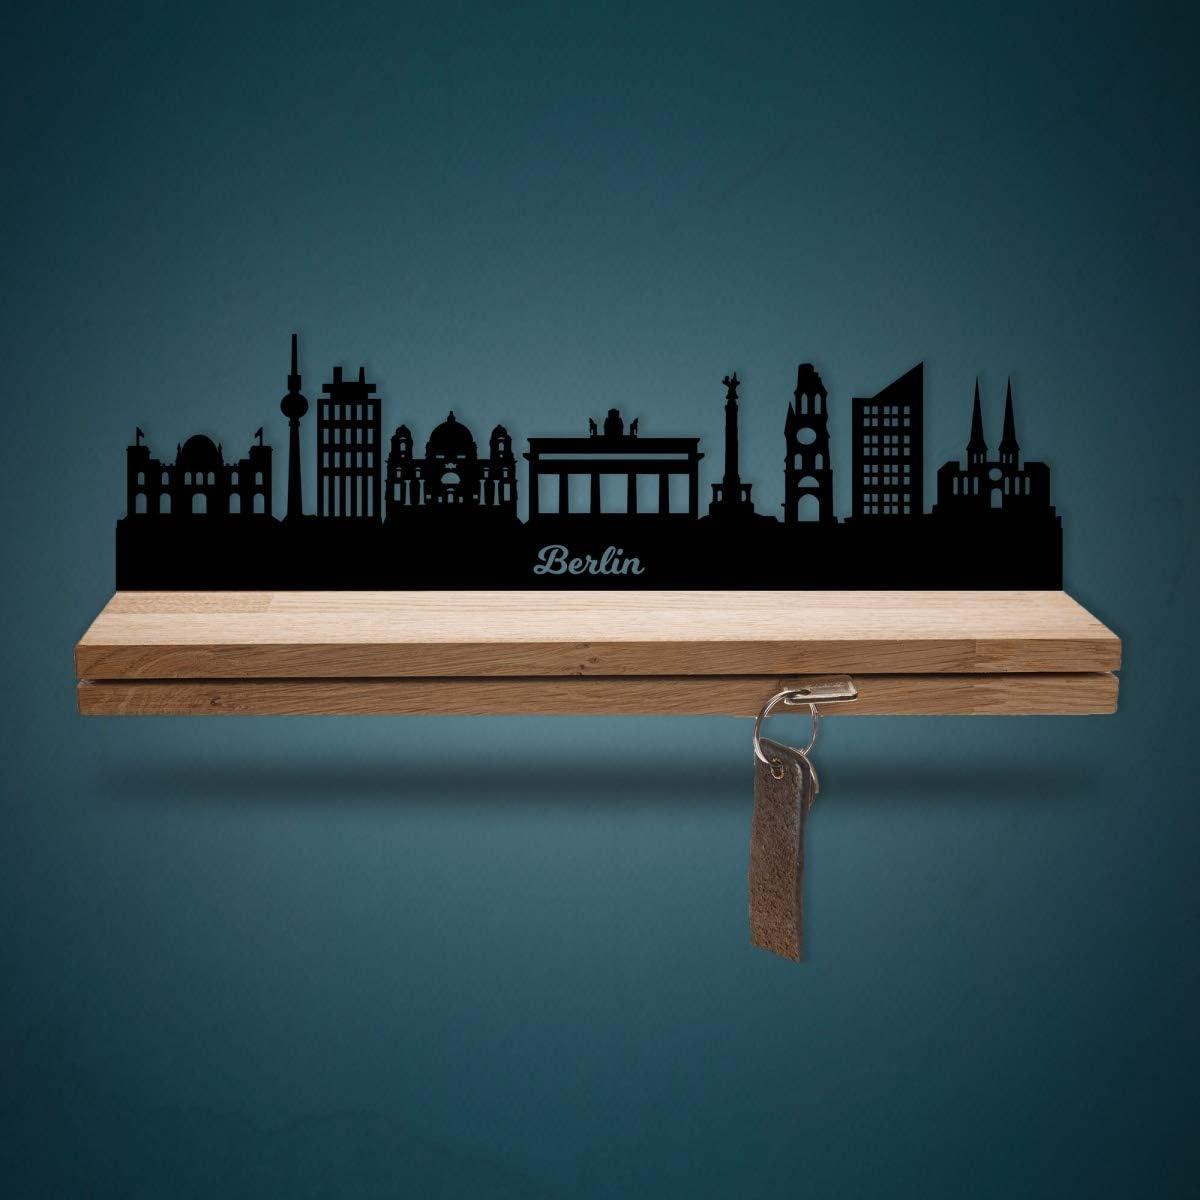 Stabiles /& Massives Schl/üsselbrett aus Eichenholz Moderner Schl/üsselhalter f/ür die Wand Gr/ö/ße 25 cm 100/% Made in Germany Schl/üsselleiste Holz mit Skyline Berlin Geschenk f/ür Stadtverliebte